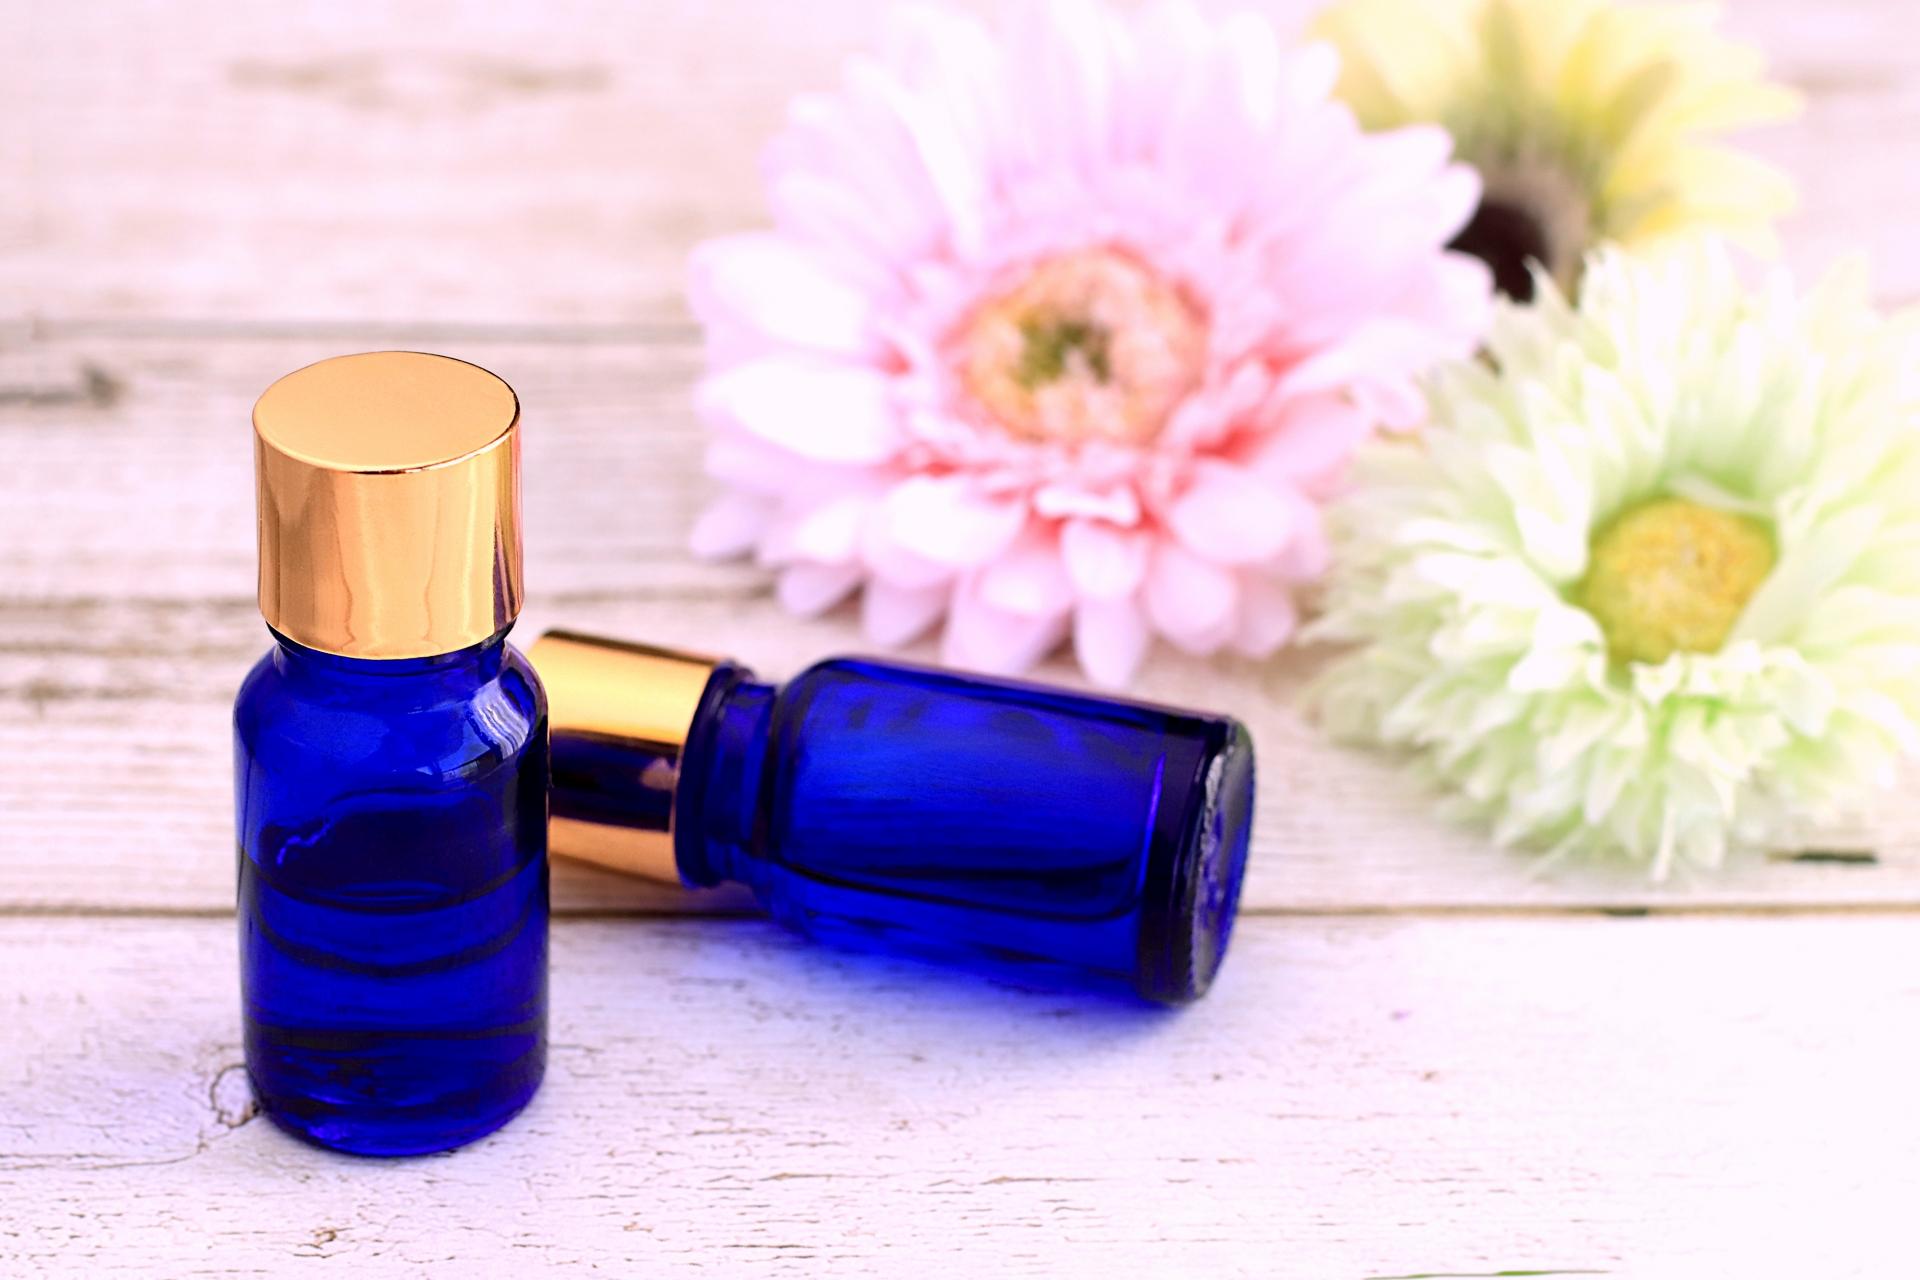 アロマオイルのおすすめ5選&選び方【いい匂いでリラックス】